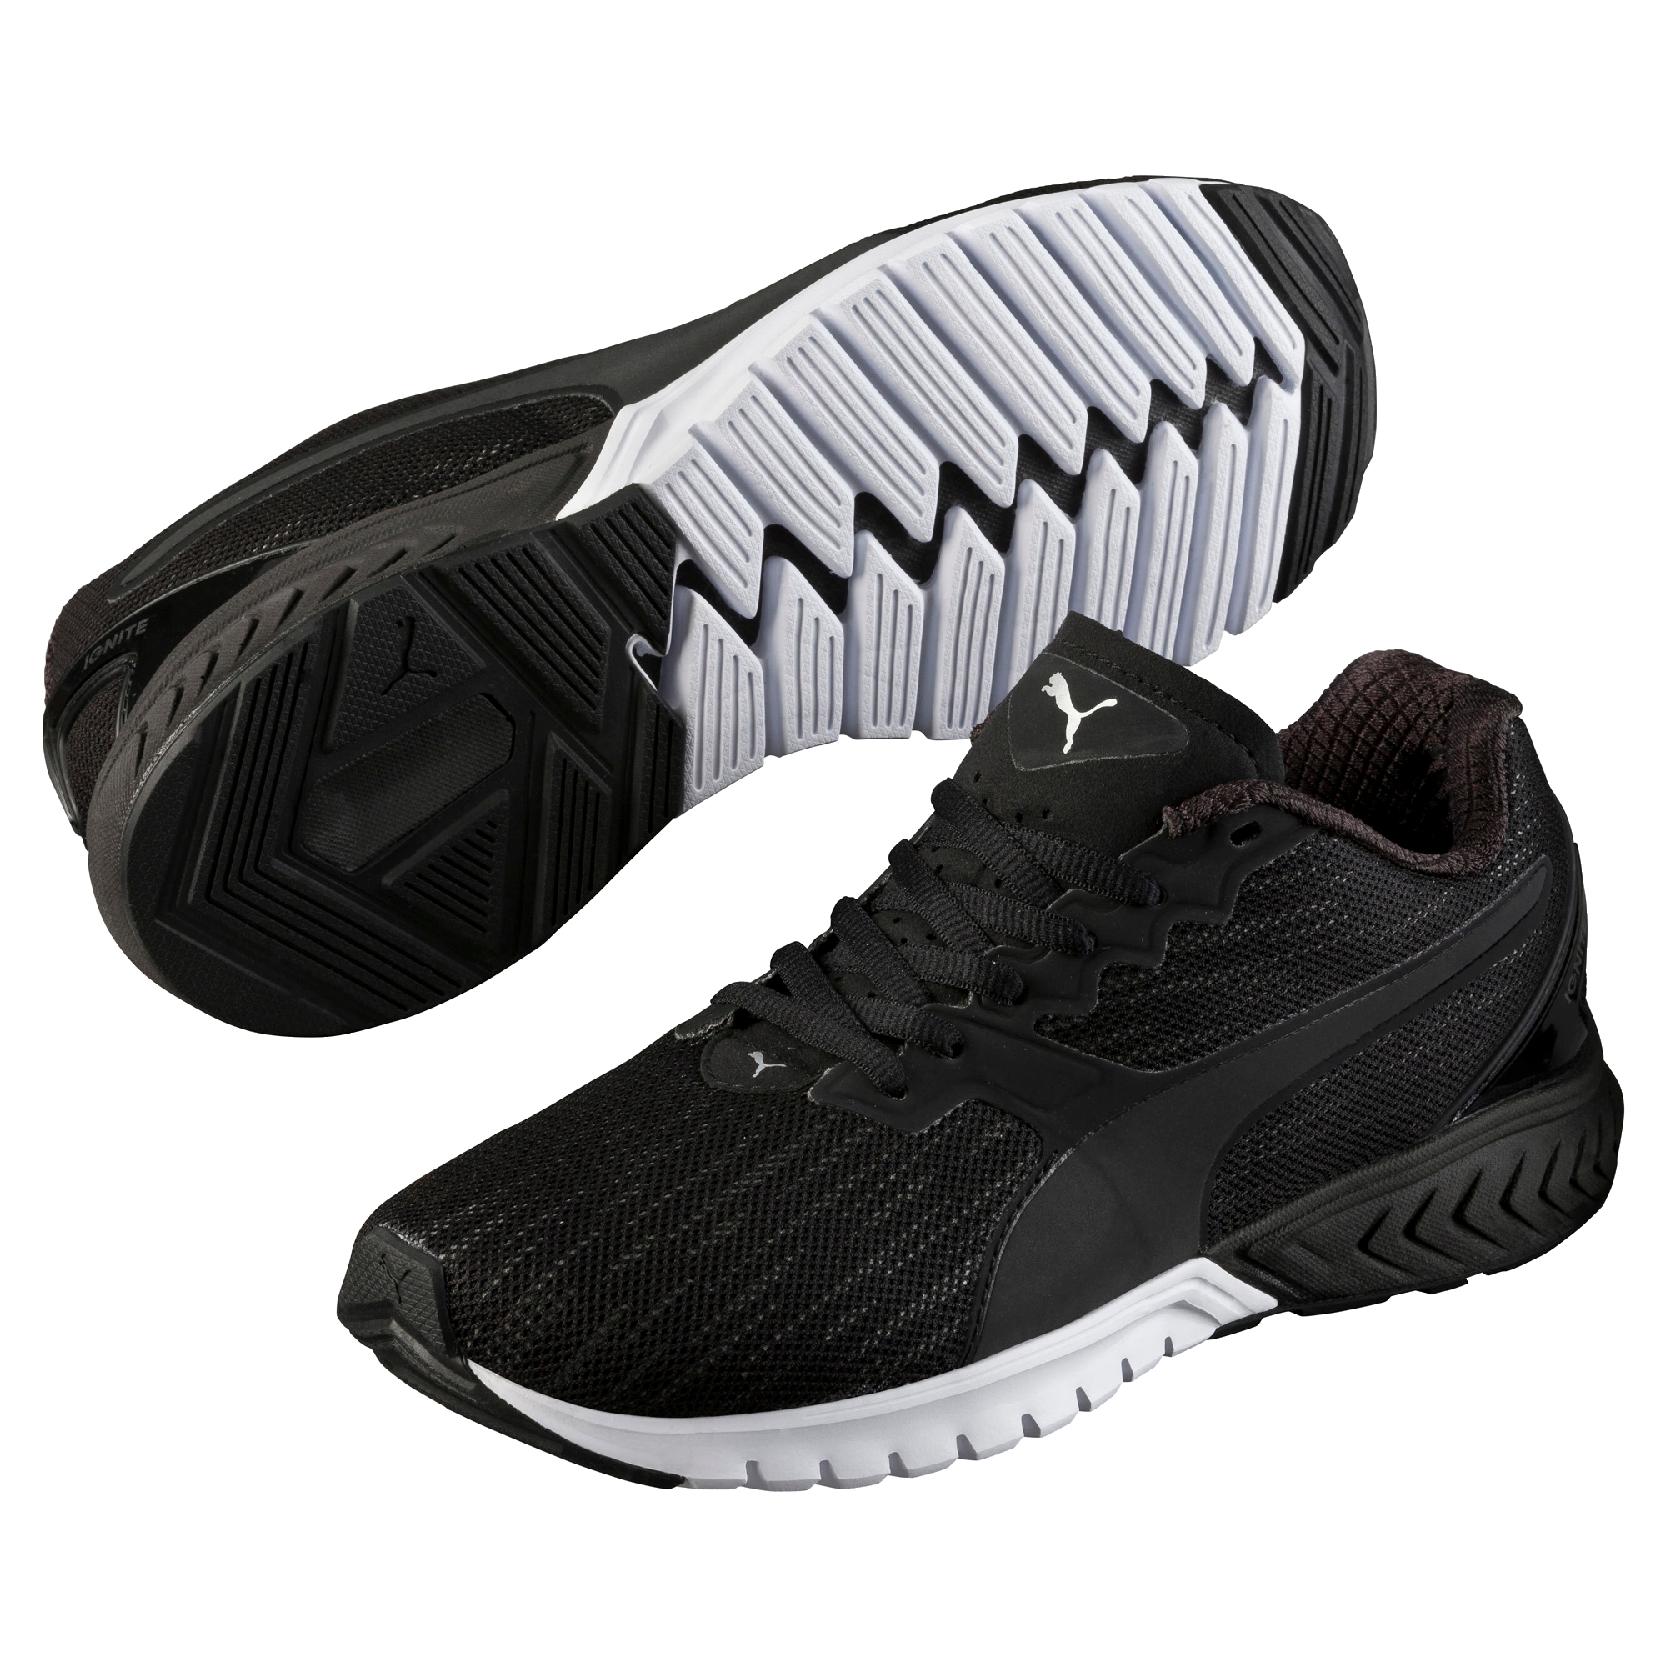 Puma Ignite Dual Nightcat Ladies Running Shoes